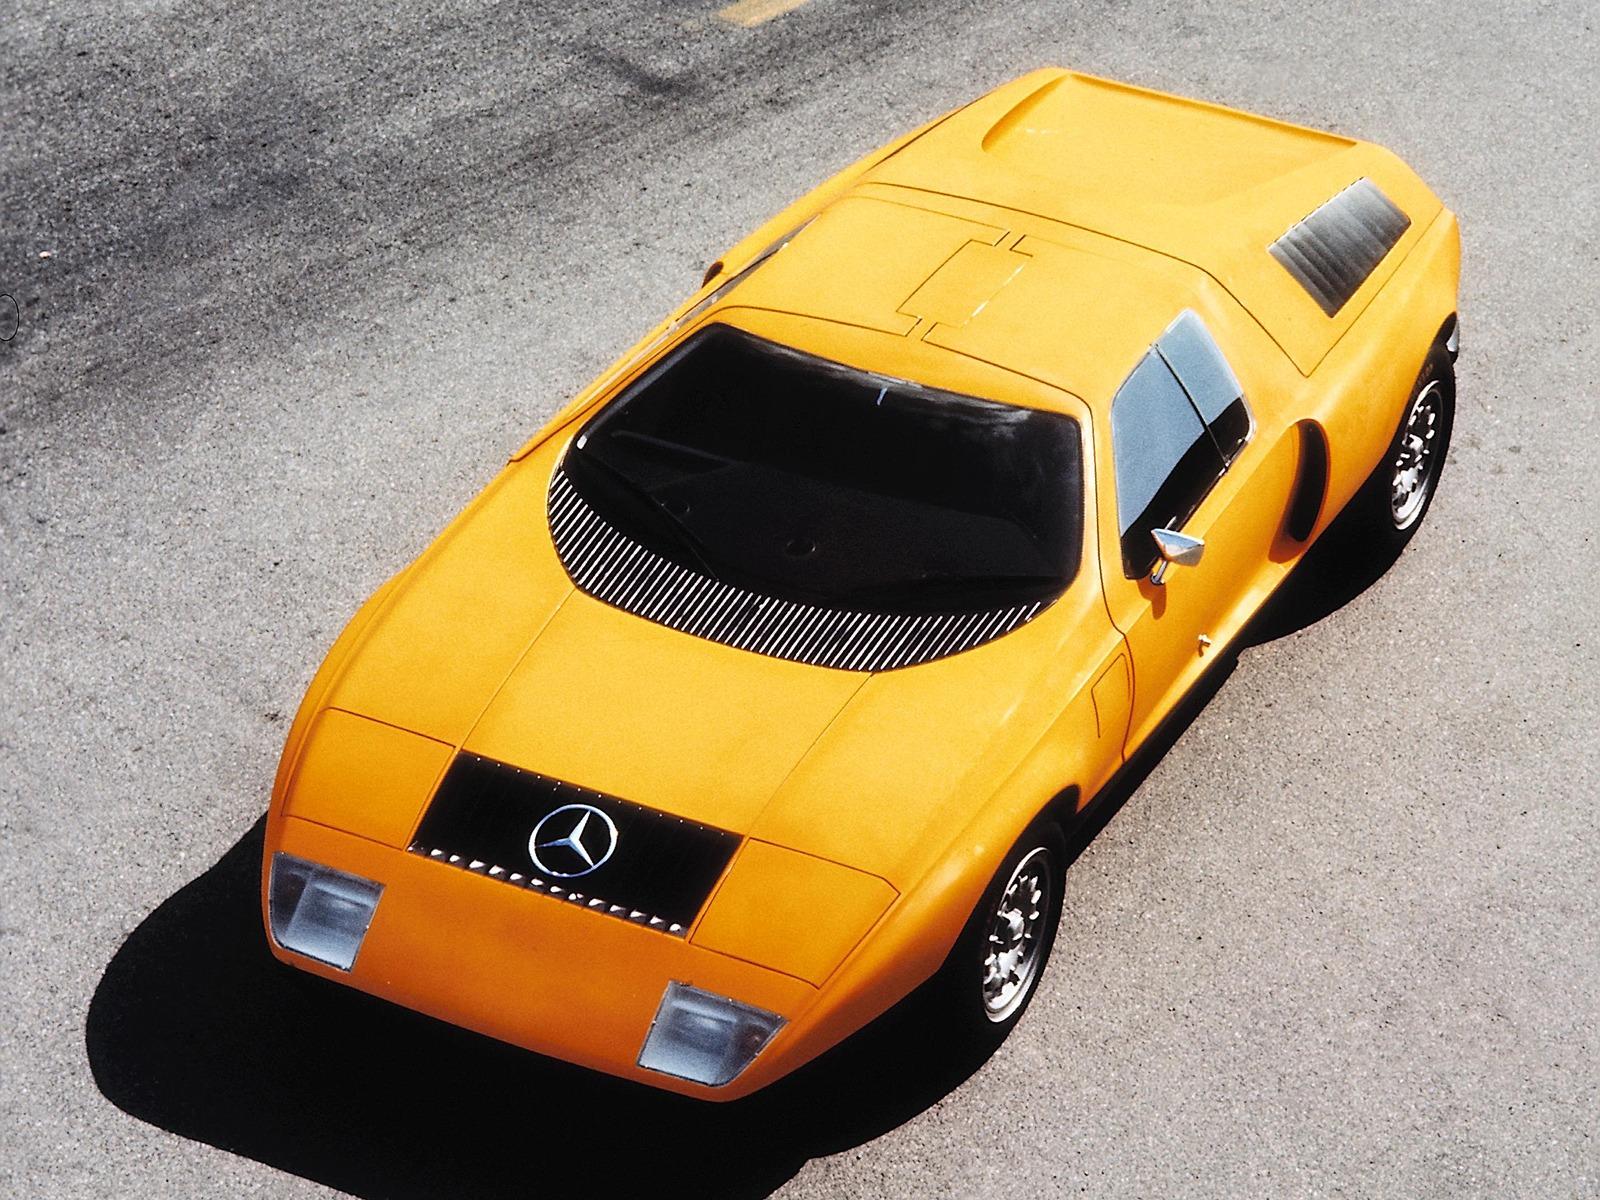 mercedes benz c111 i concept 1969 old concept cars. Black Bedroom Furniture Sets. Home Design Ideas